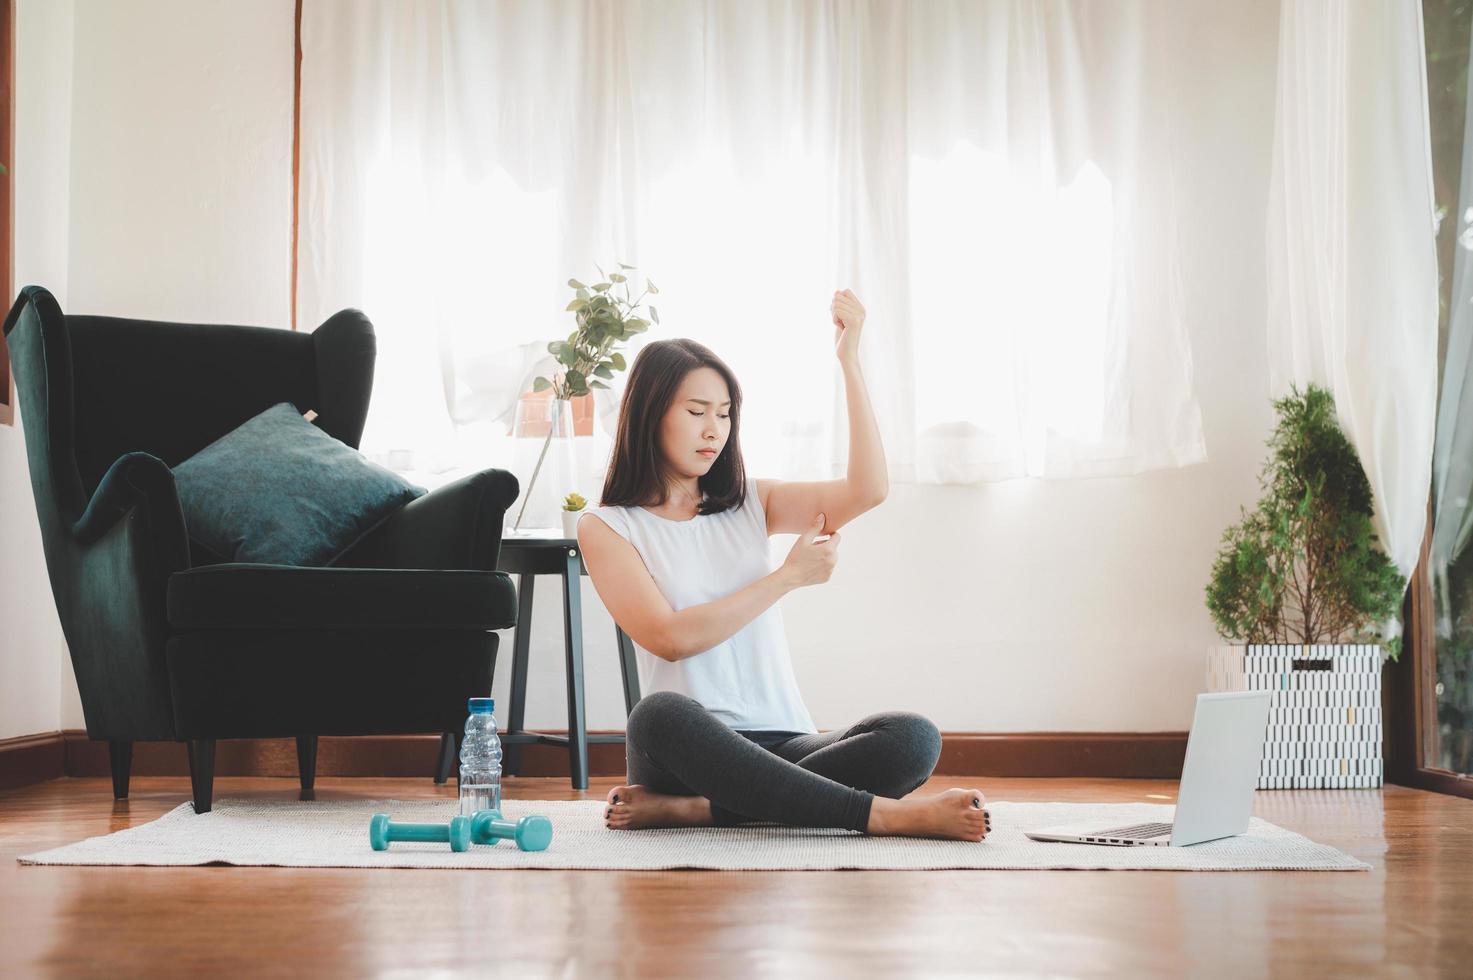 vrouw knijpen arm triceps vet foto